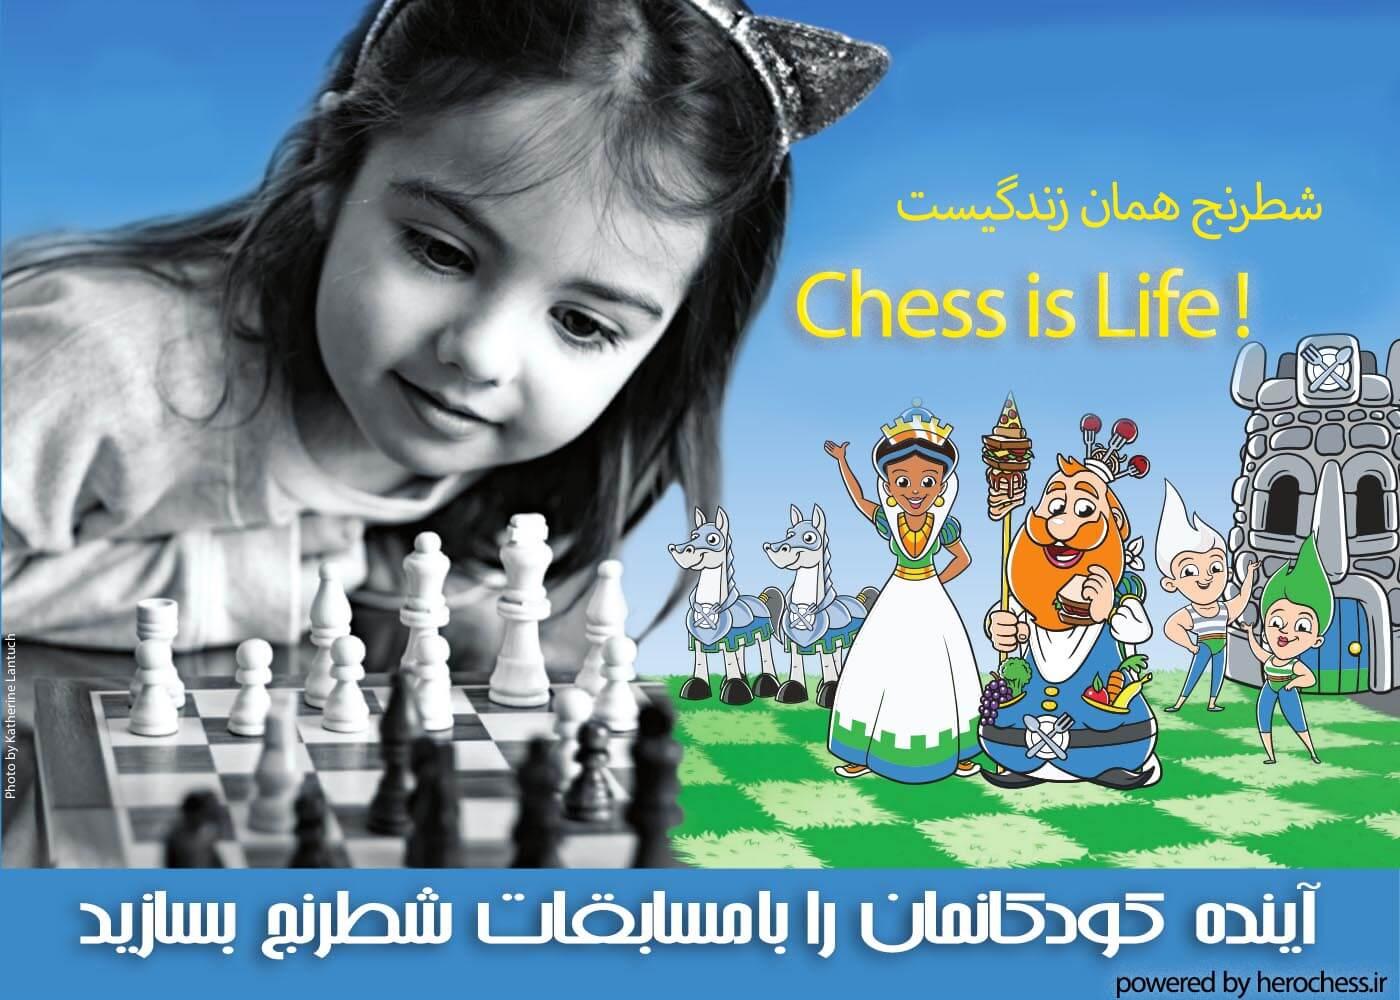 چرا امروزه فراگیری بازی شطرنج مهم است؟